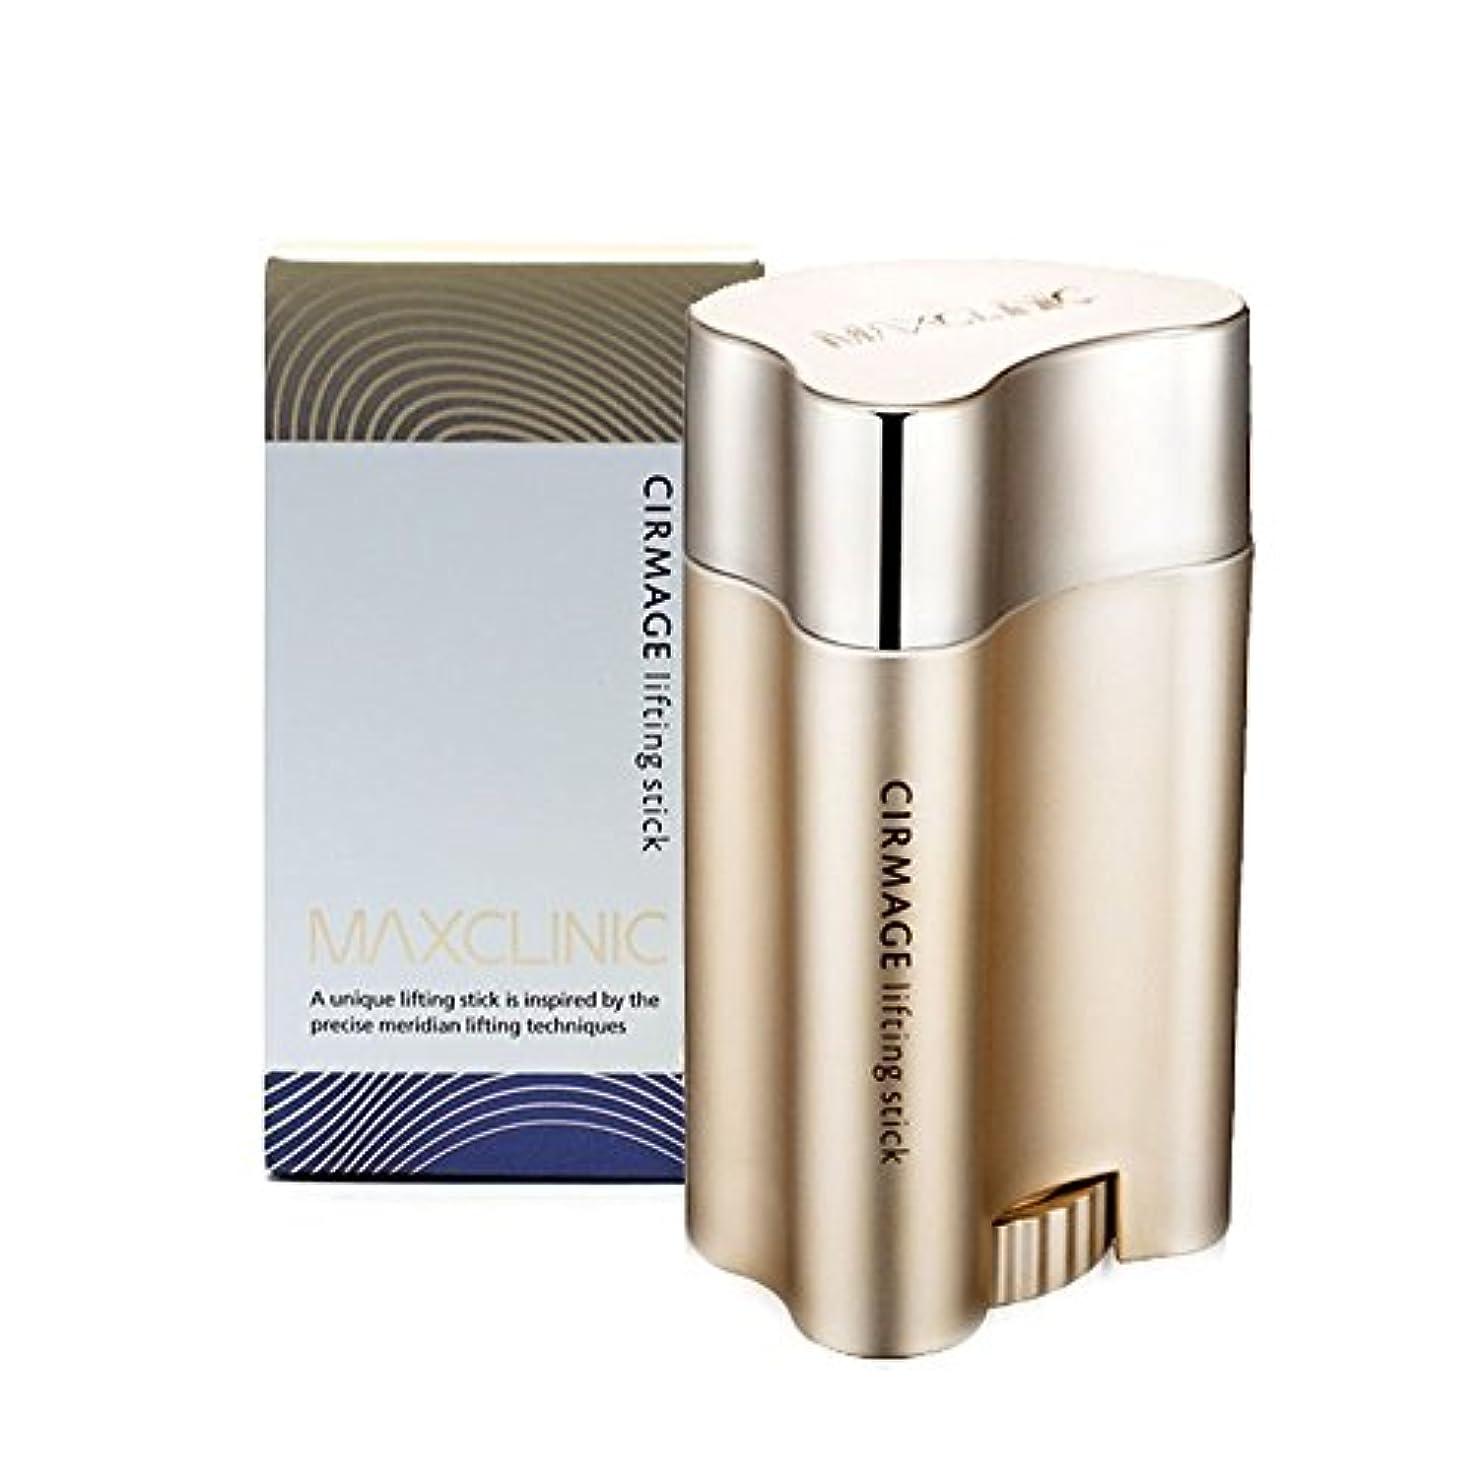 革命宇宙船平和的MAXCLINIC マックスクリニック サーメージ リフティング スティック 23g(Cirmage Lifting Stick 23g)/Direct from Korea/w free Gift Sample [並行輸入品]